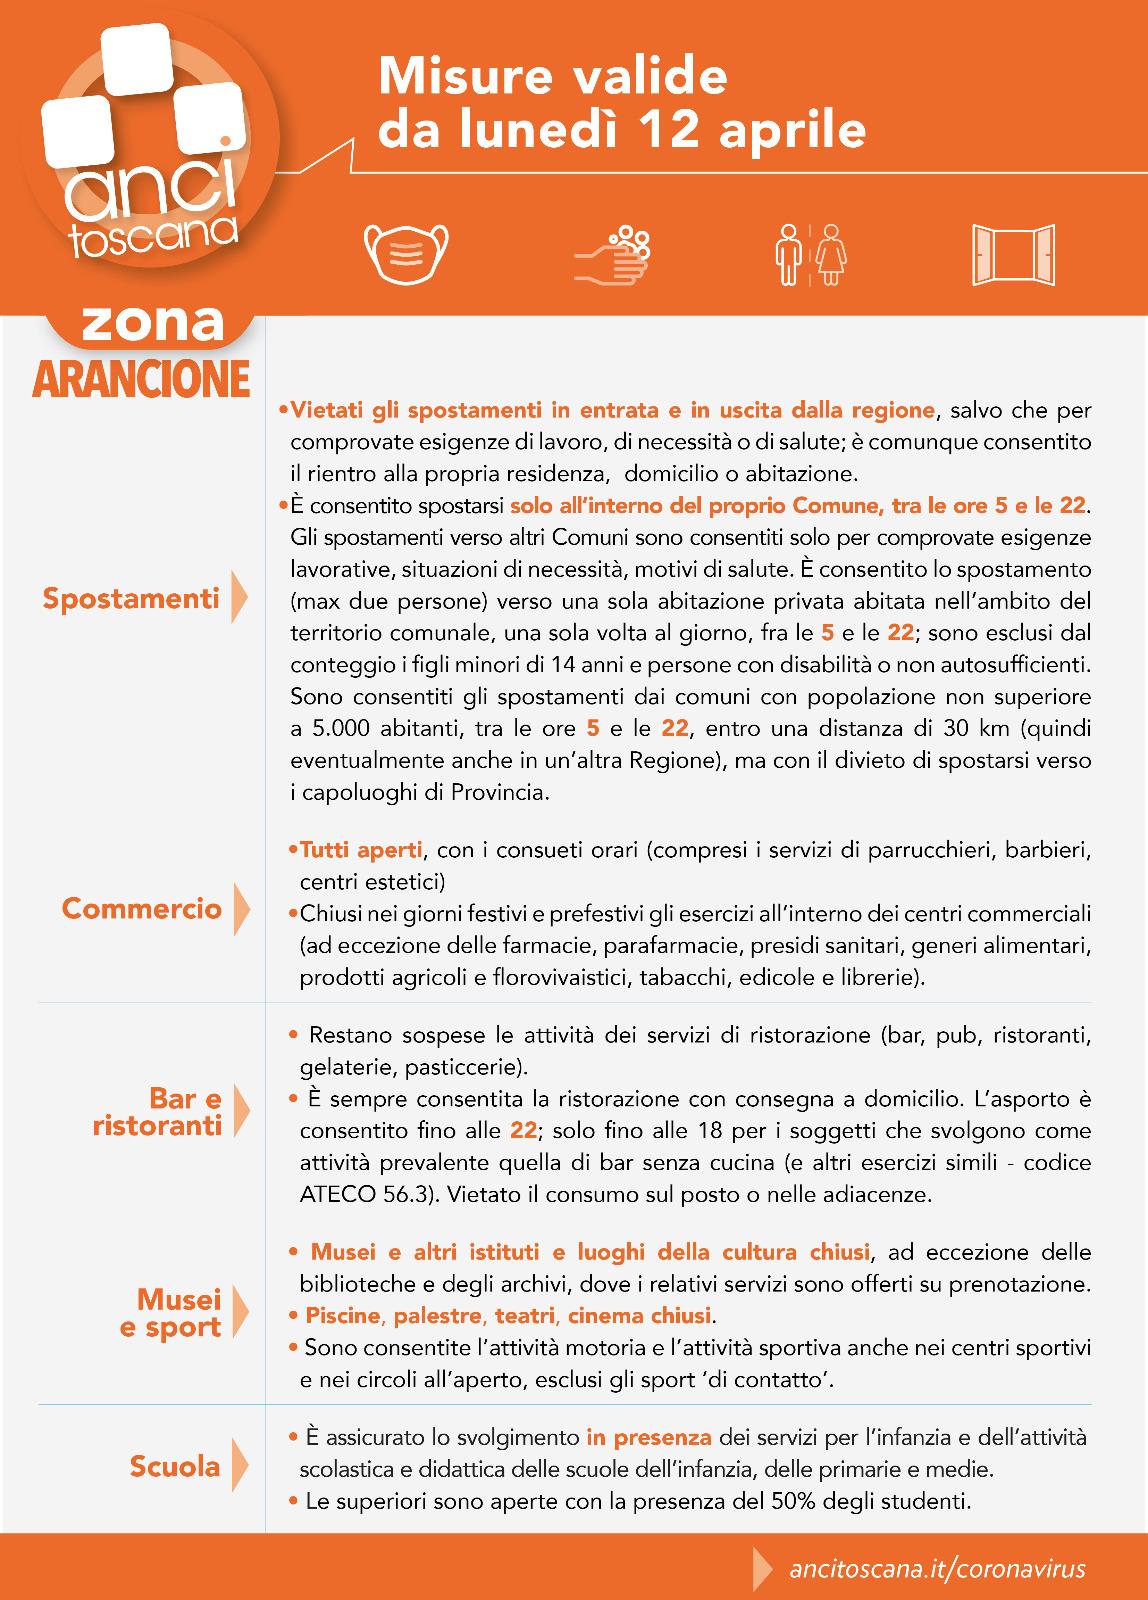 Emergenza Covid-19 - Toscana zona arancione: misure valide dal 12 aprile 2021